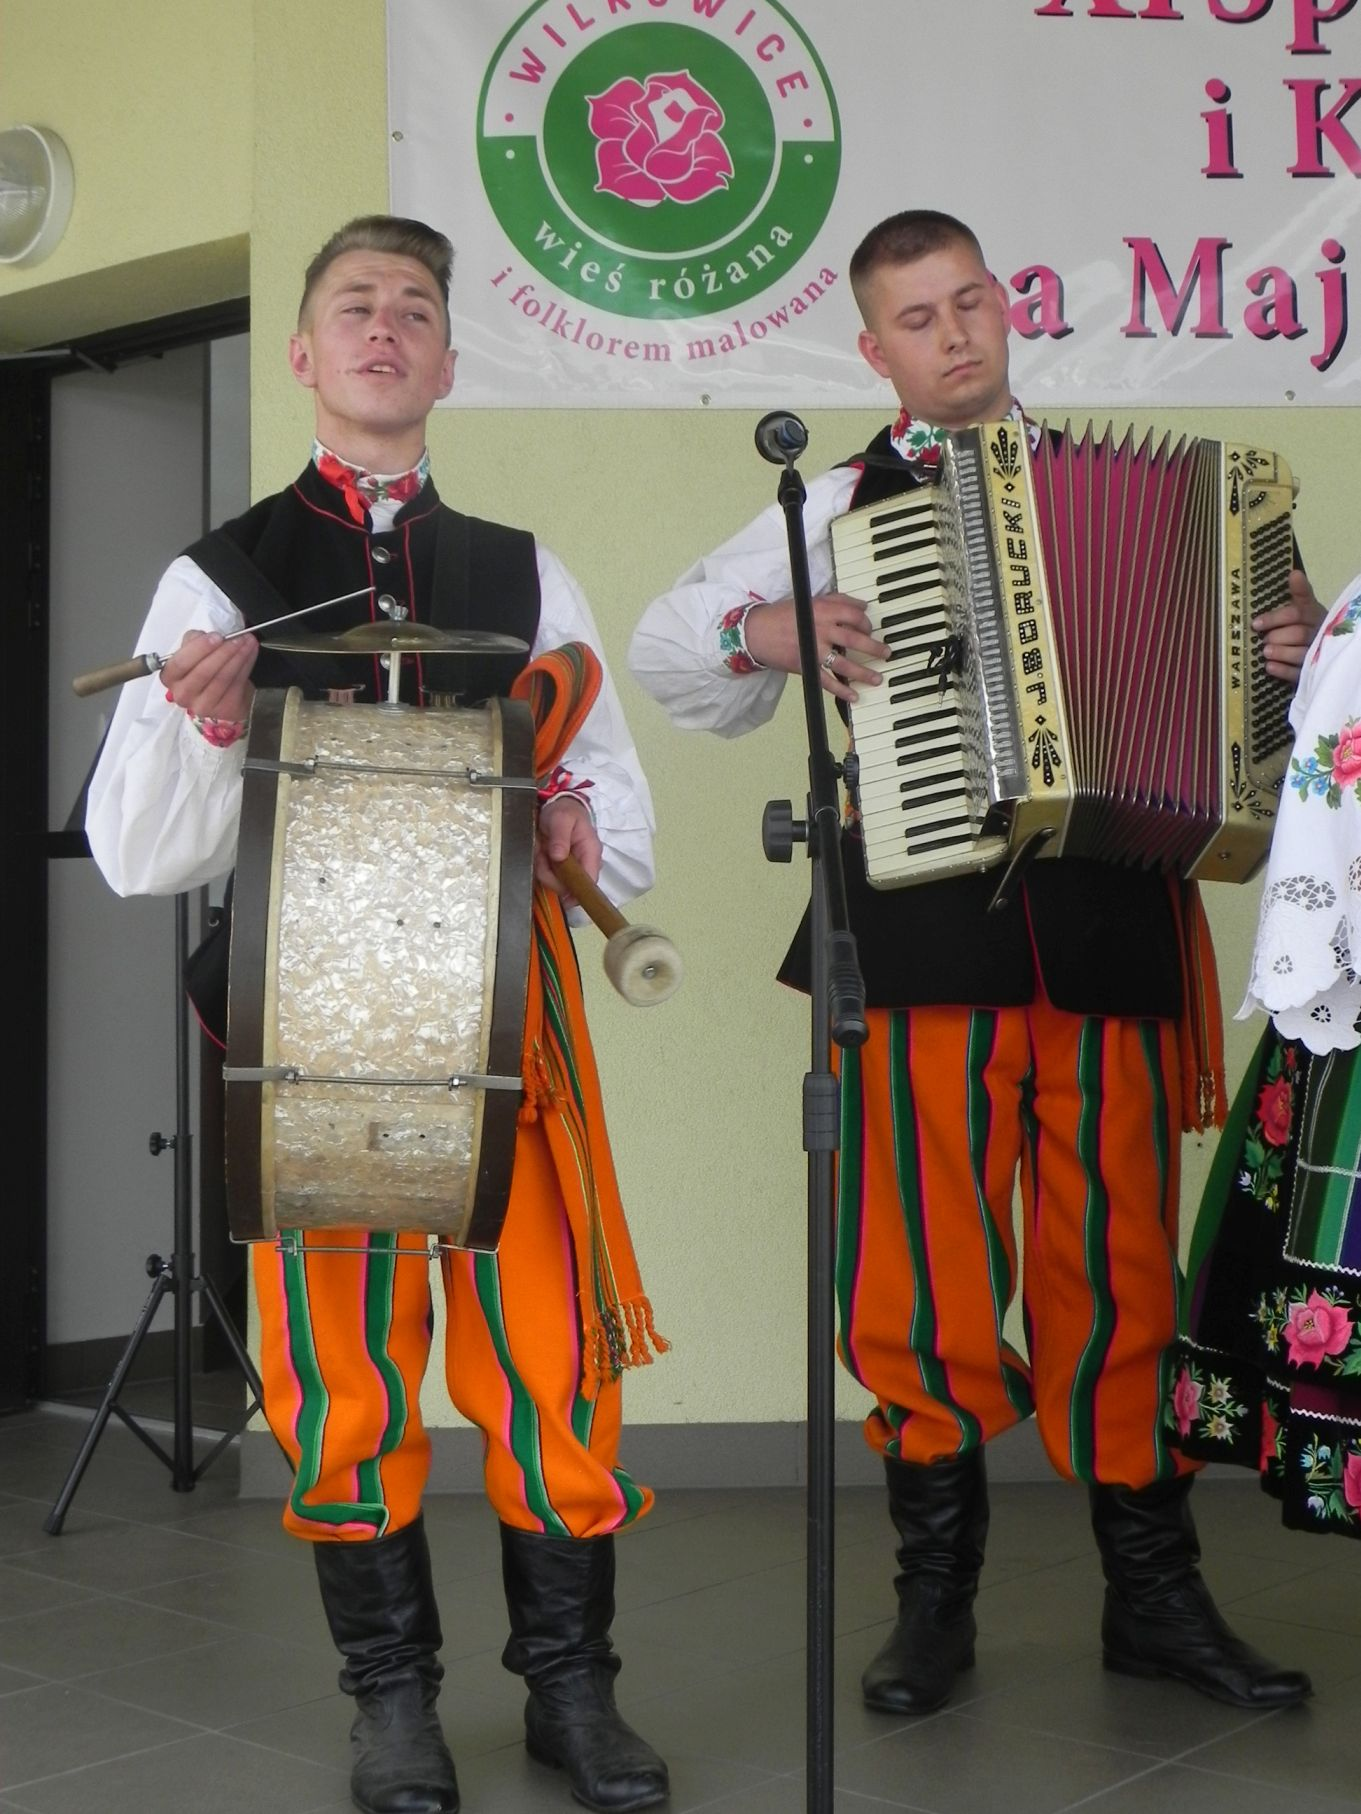 2016-05-29 Wilkowice - Majówka (54)